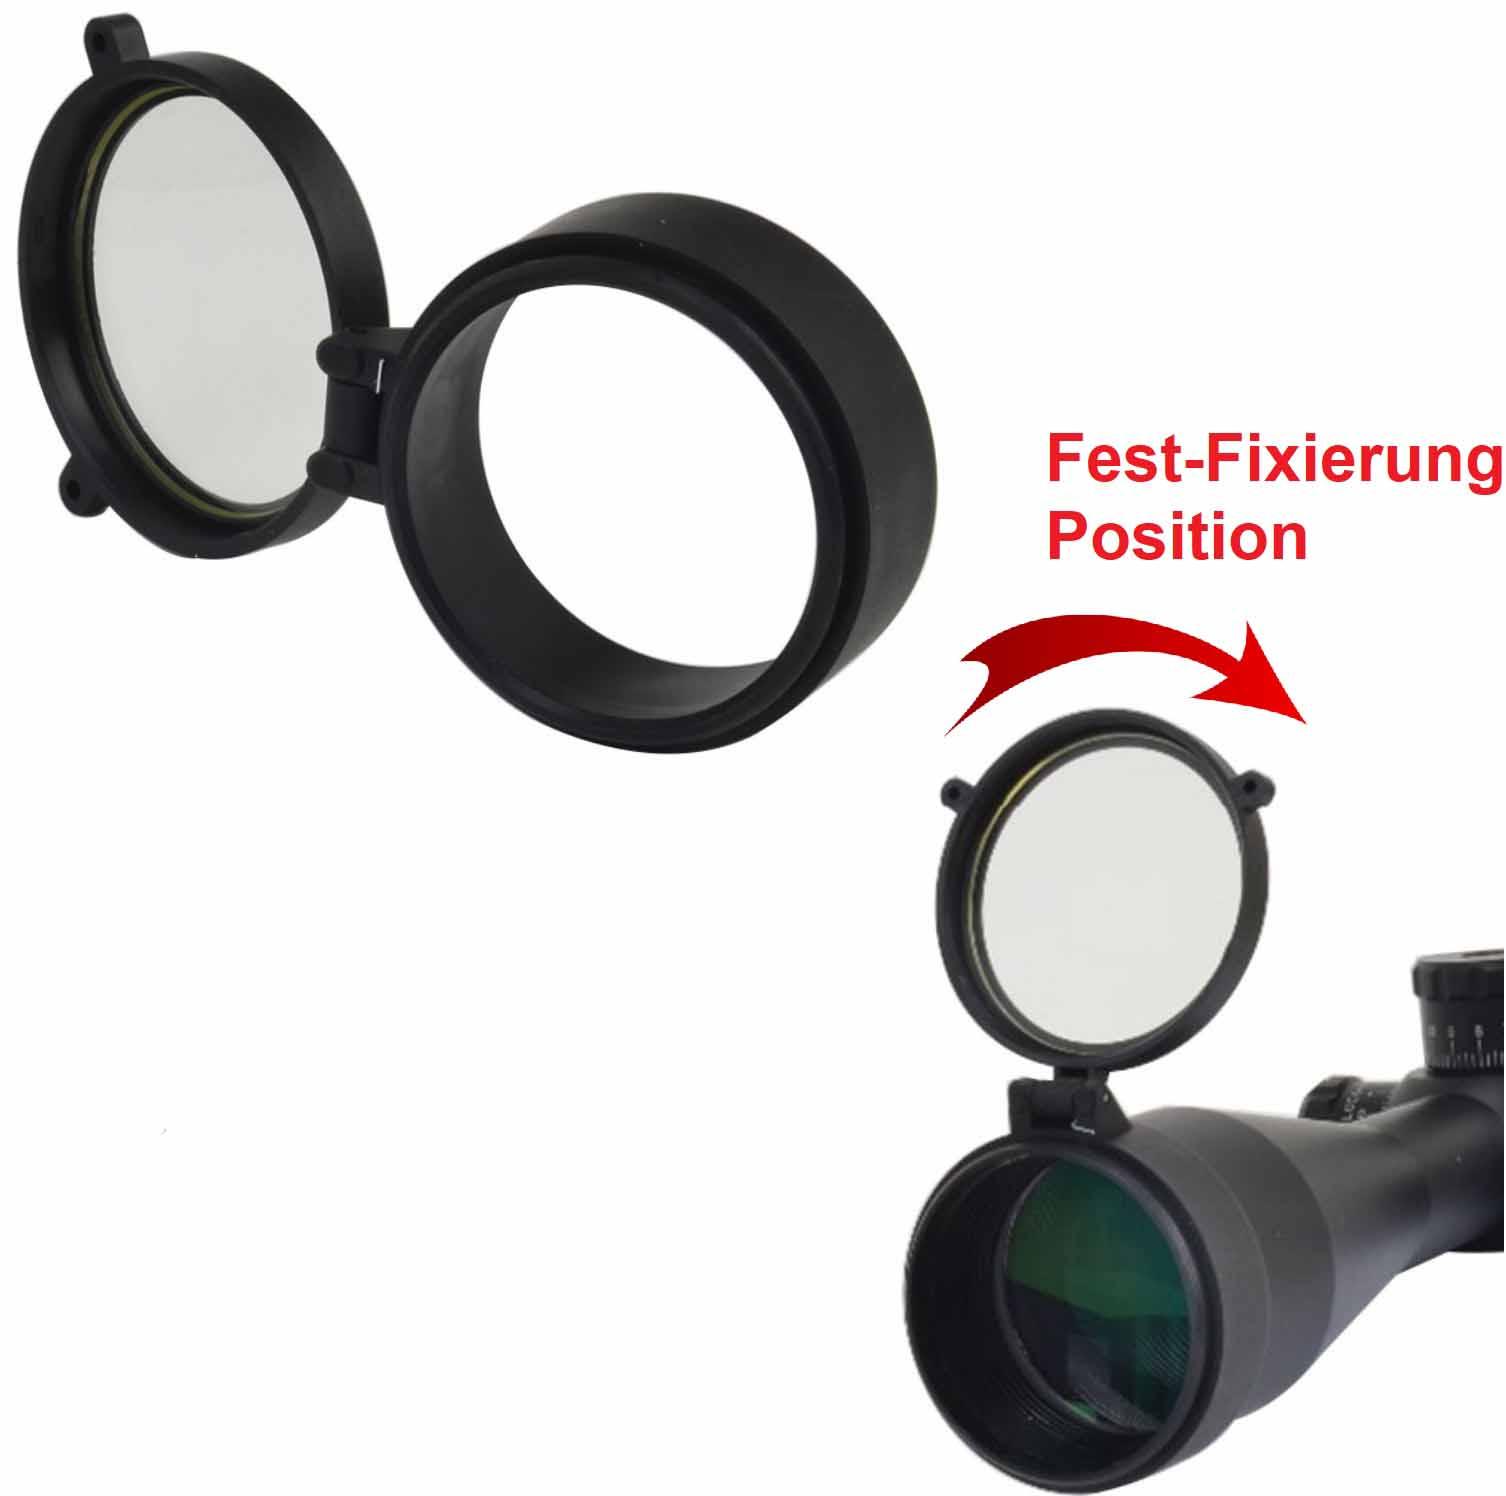 Schutzkappe Für Zielfernrohr Binocular Cases & Accessories